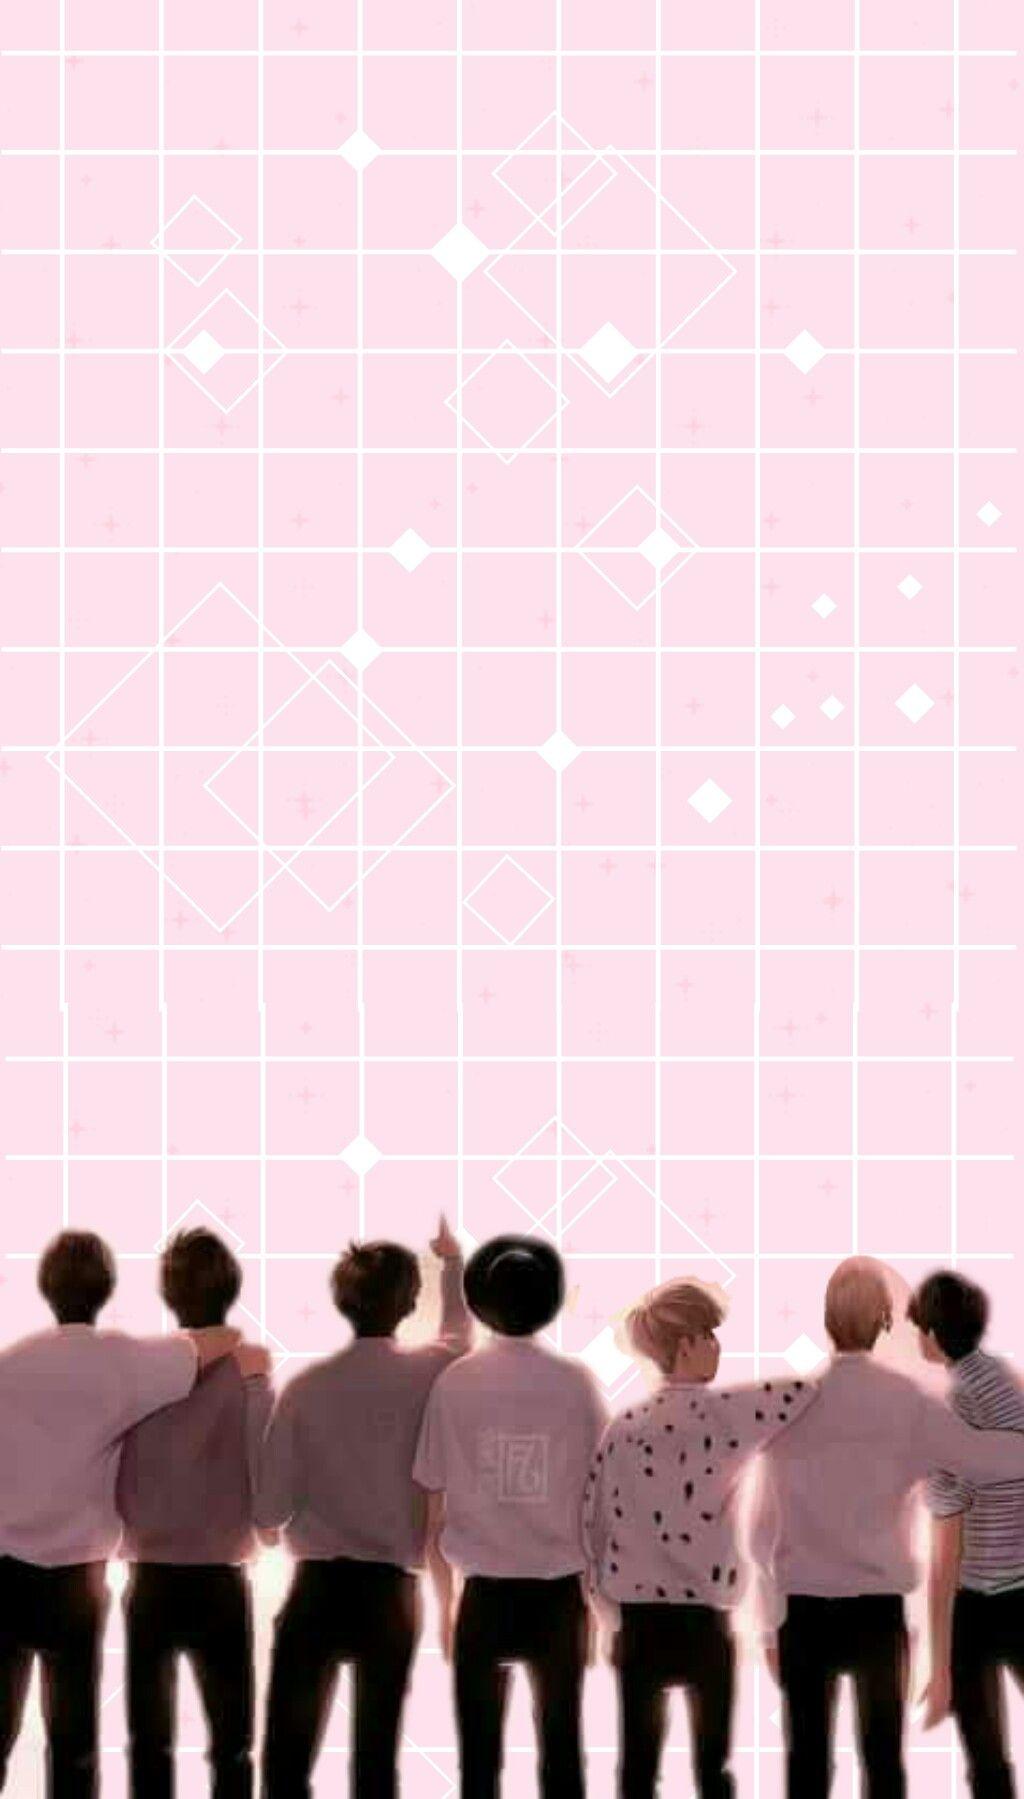 Unduh 900+ Wallpaper Bts Pink  Paling Keren